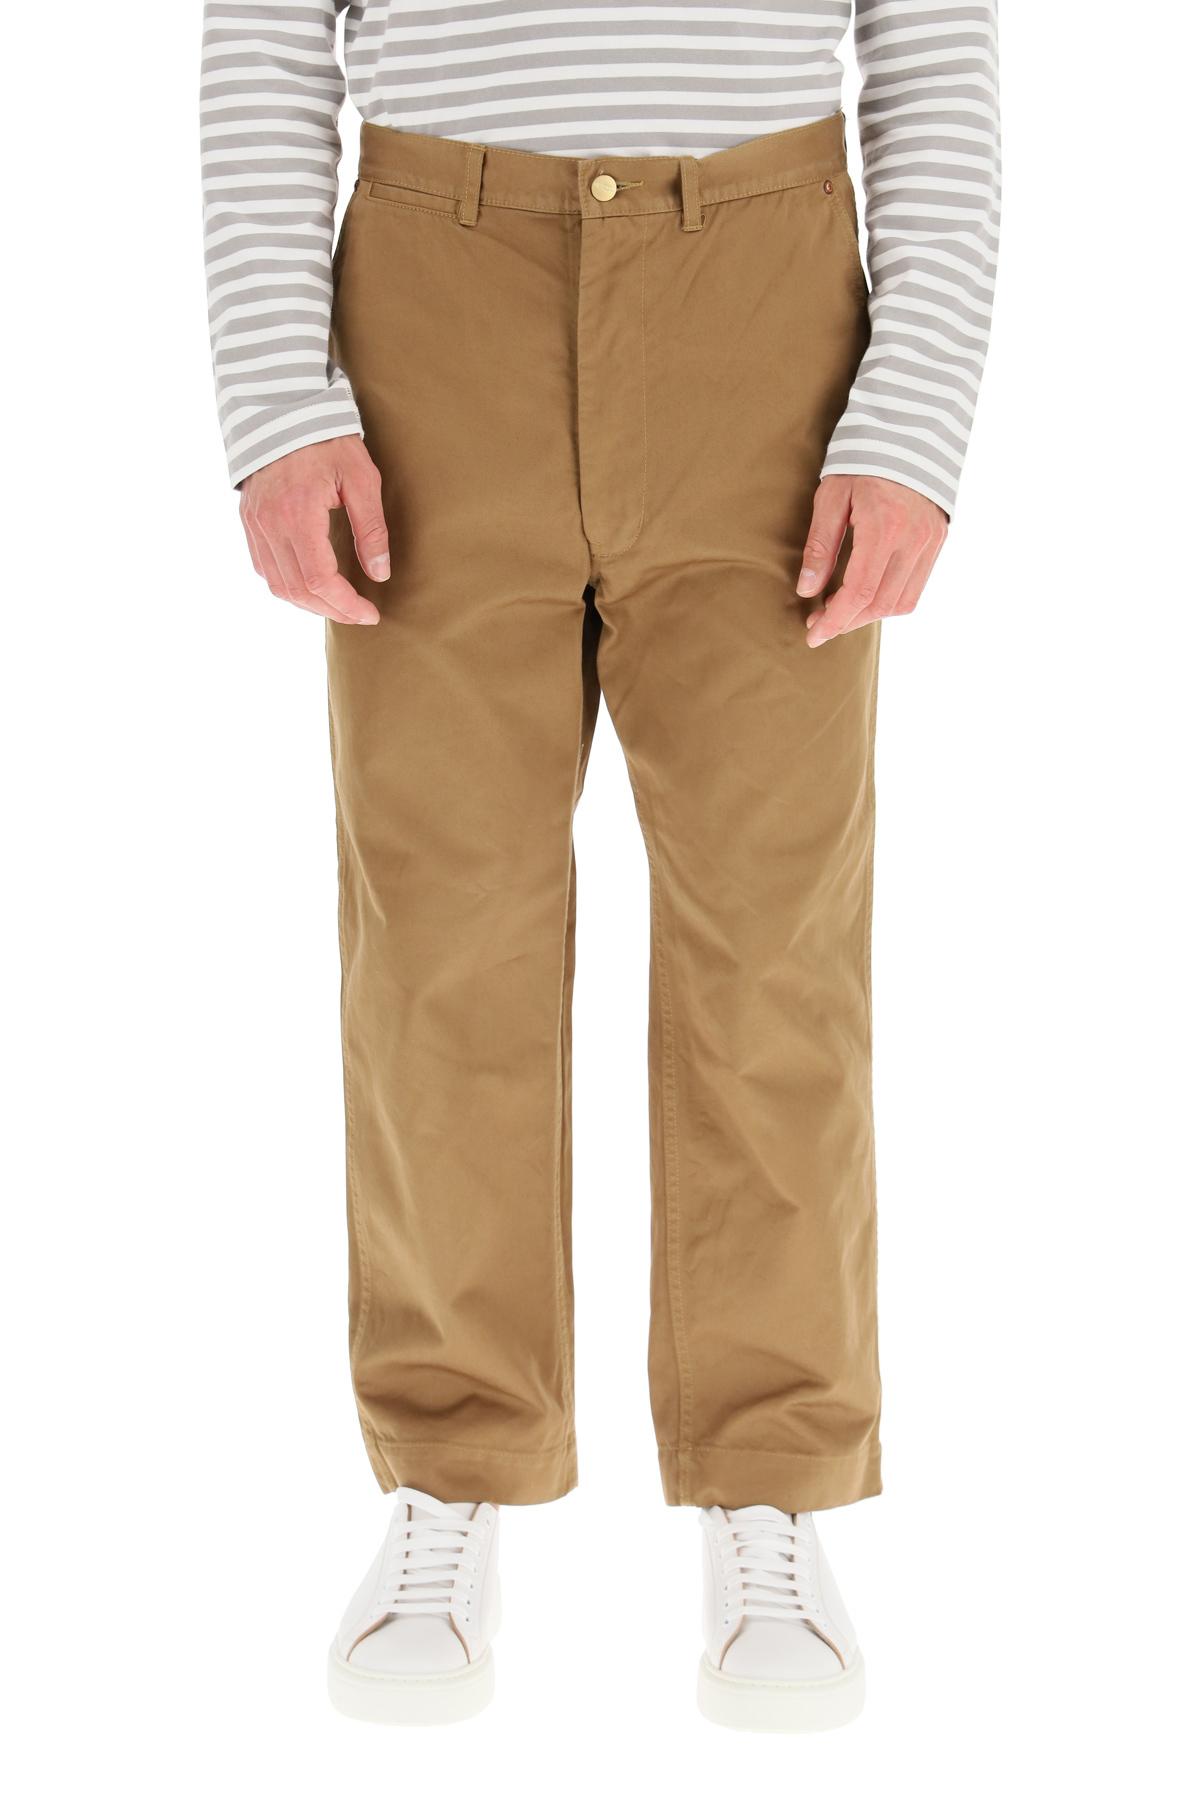 Junya watanabe pantaloni crop junya watanabe carhartt